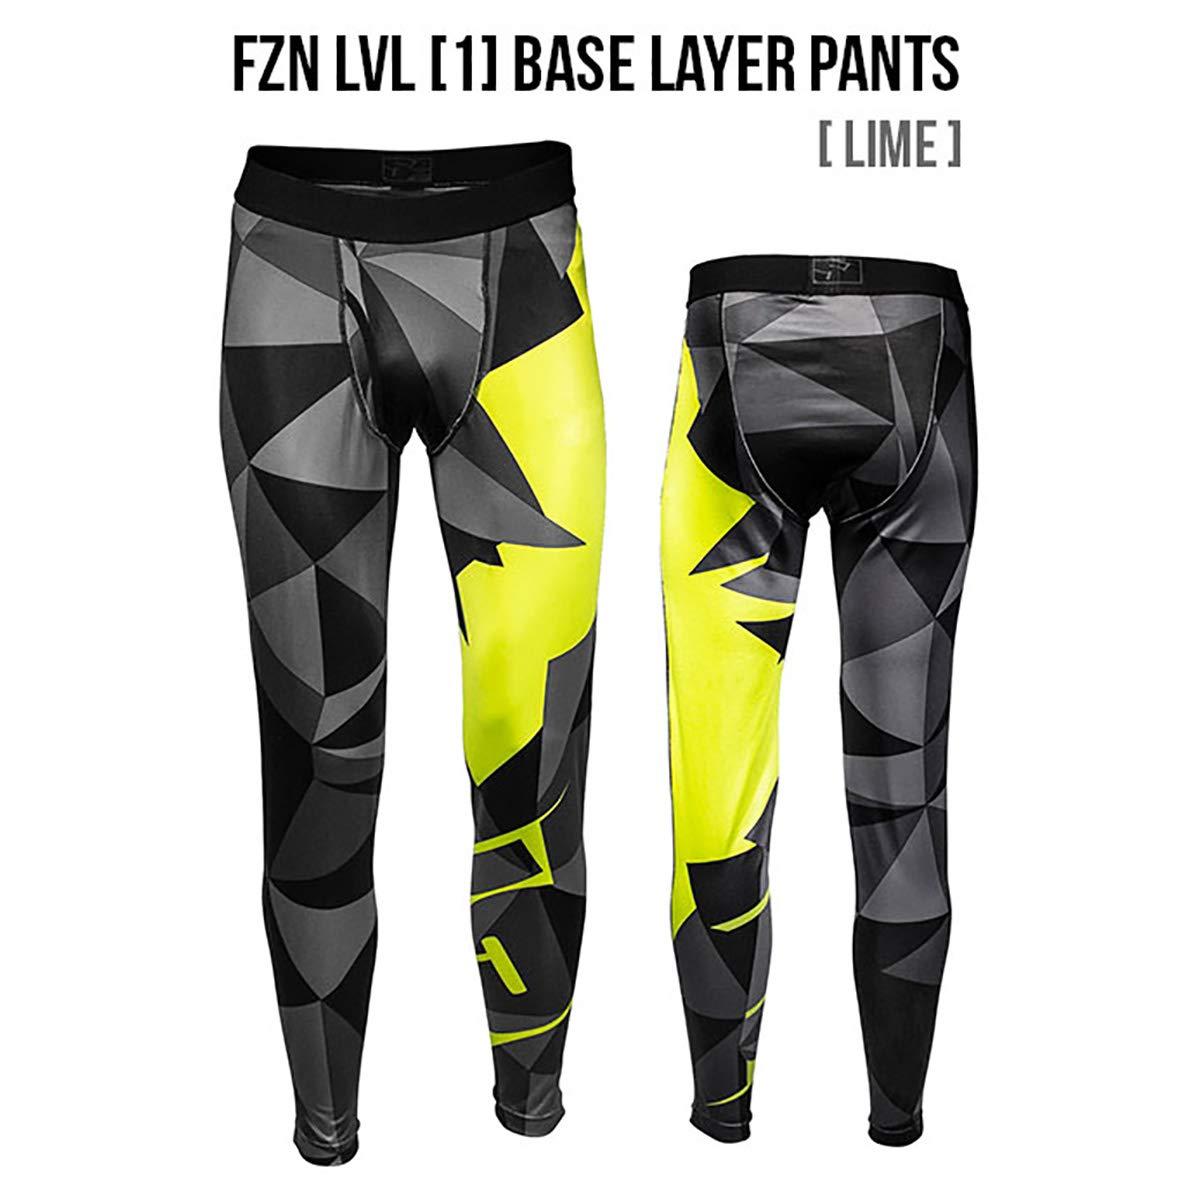 509 FZN LVL 1 Pant Black Ops - Large